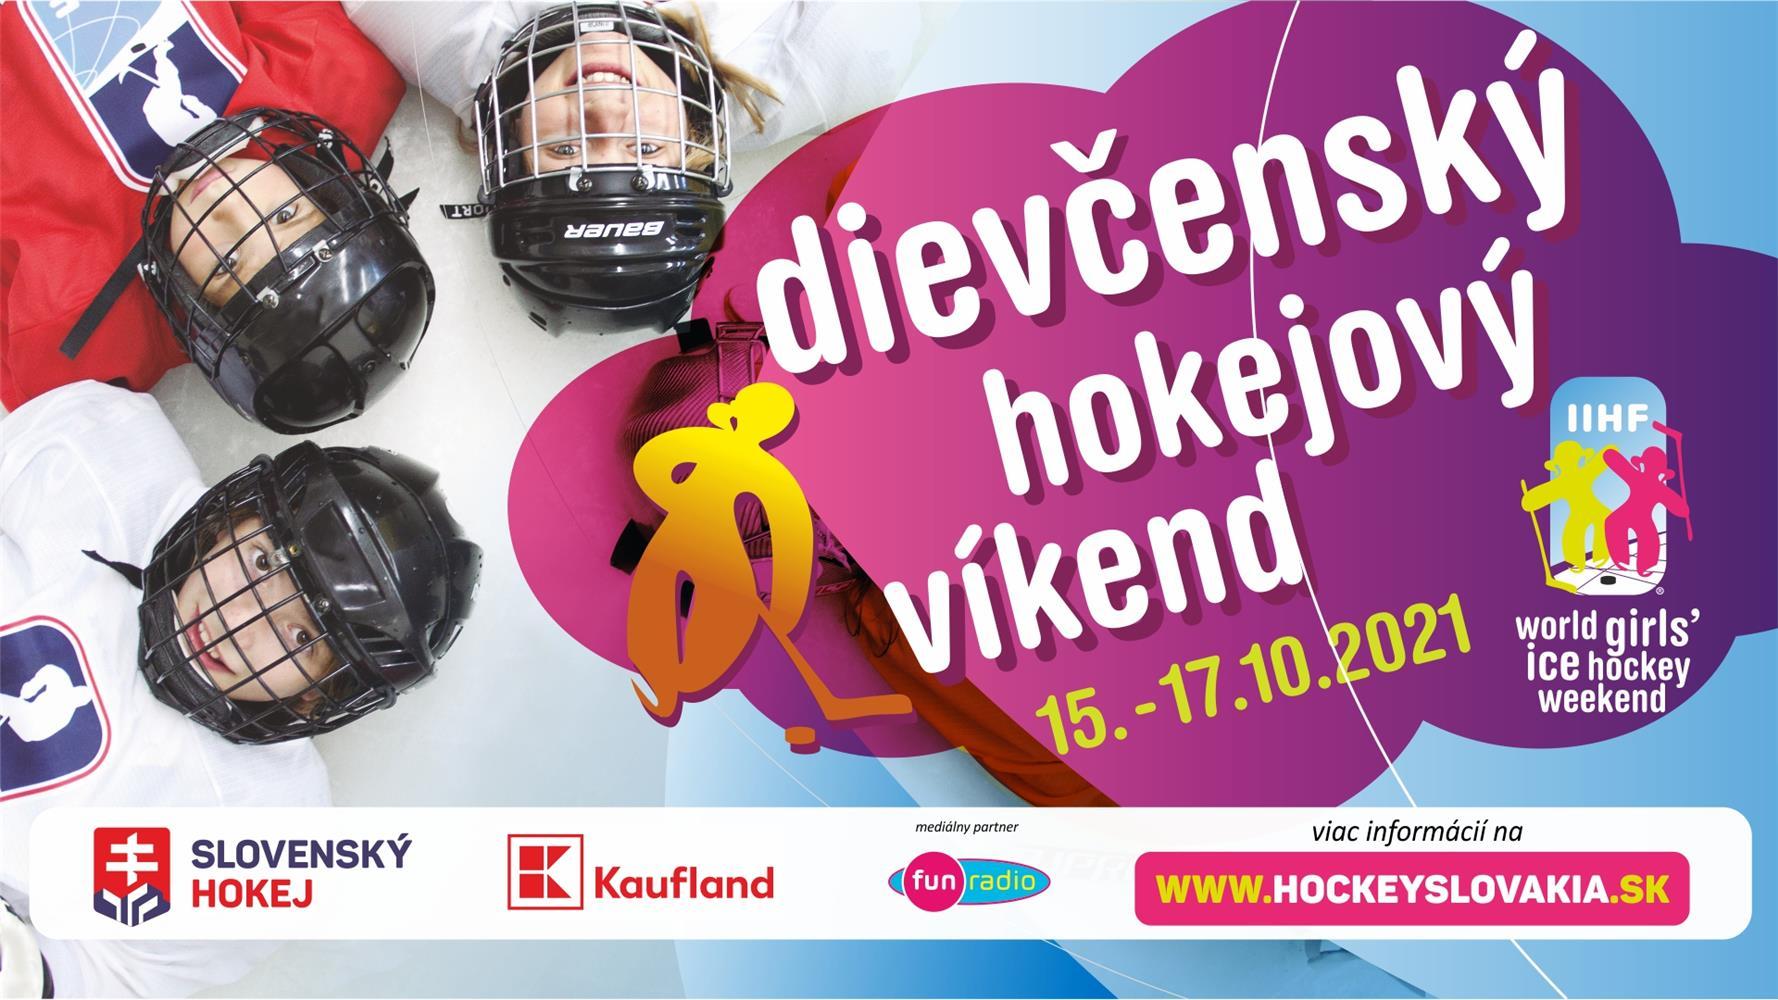 Hokejový víkend pre dievčatá sa uskutoční aj v Skalici!